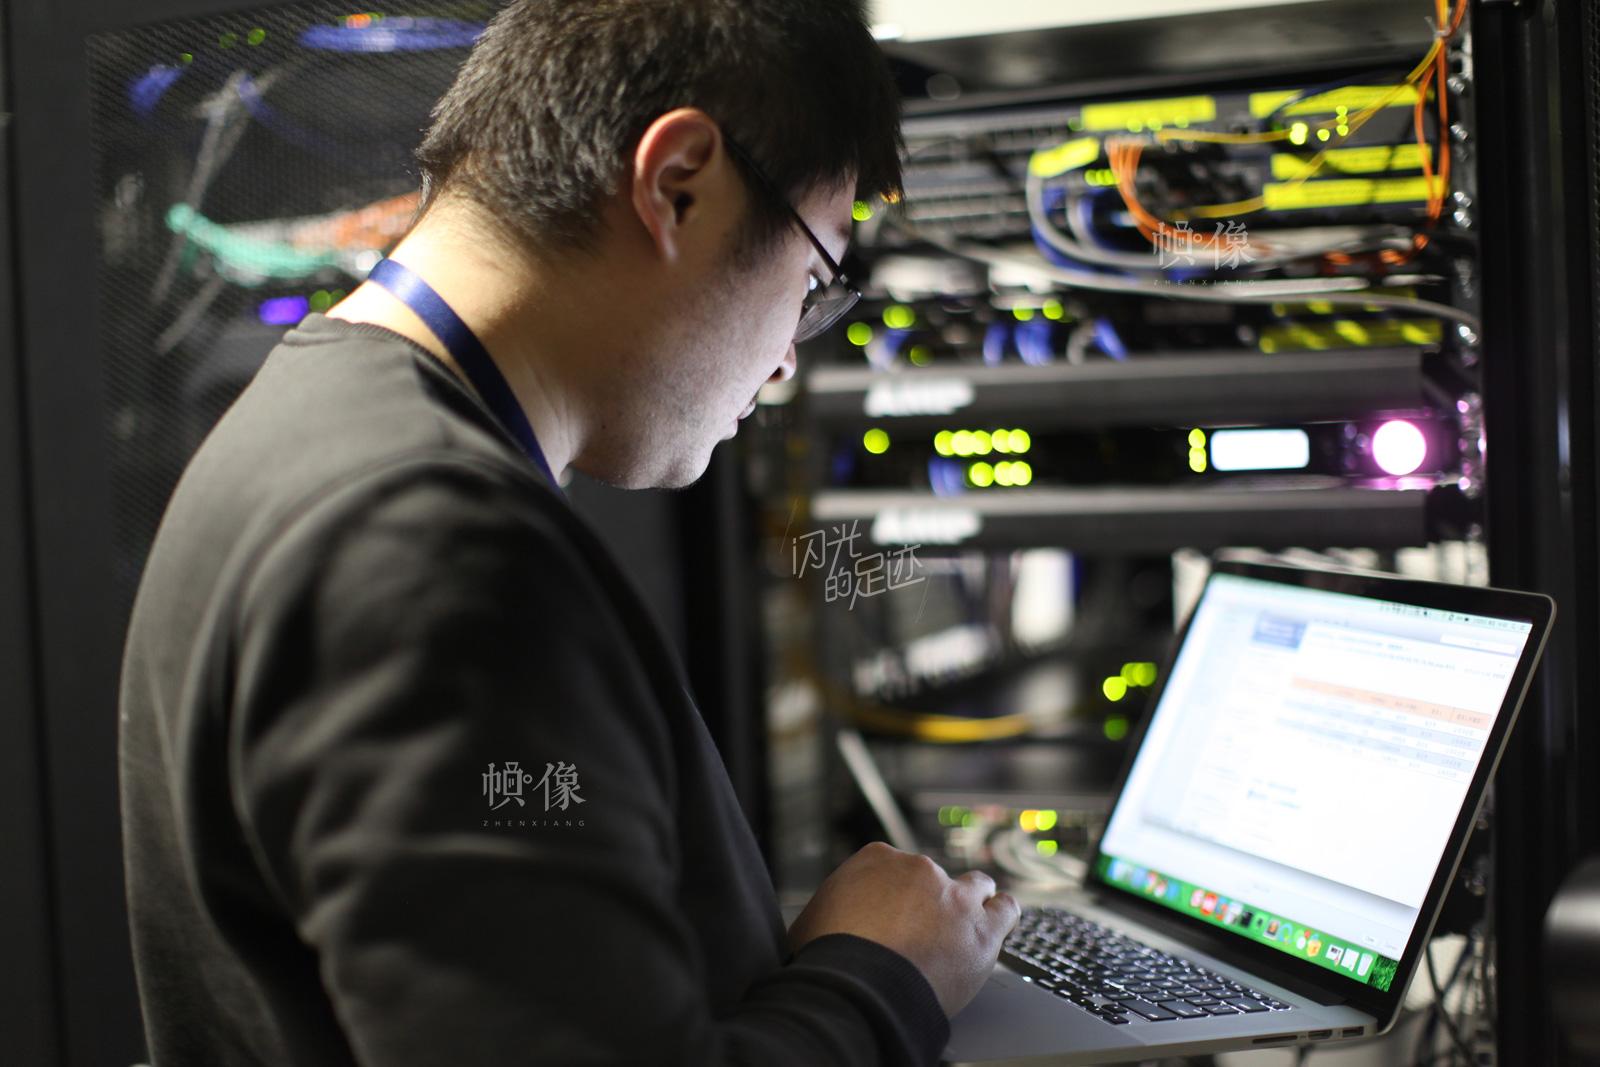 借贷宝公司的机房承担了全公司数据的存储和电力设备的供应,是全公司的核心区域。图为公司员工在检查机房设备。中国网记者-赵超-摄2